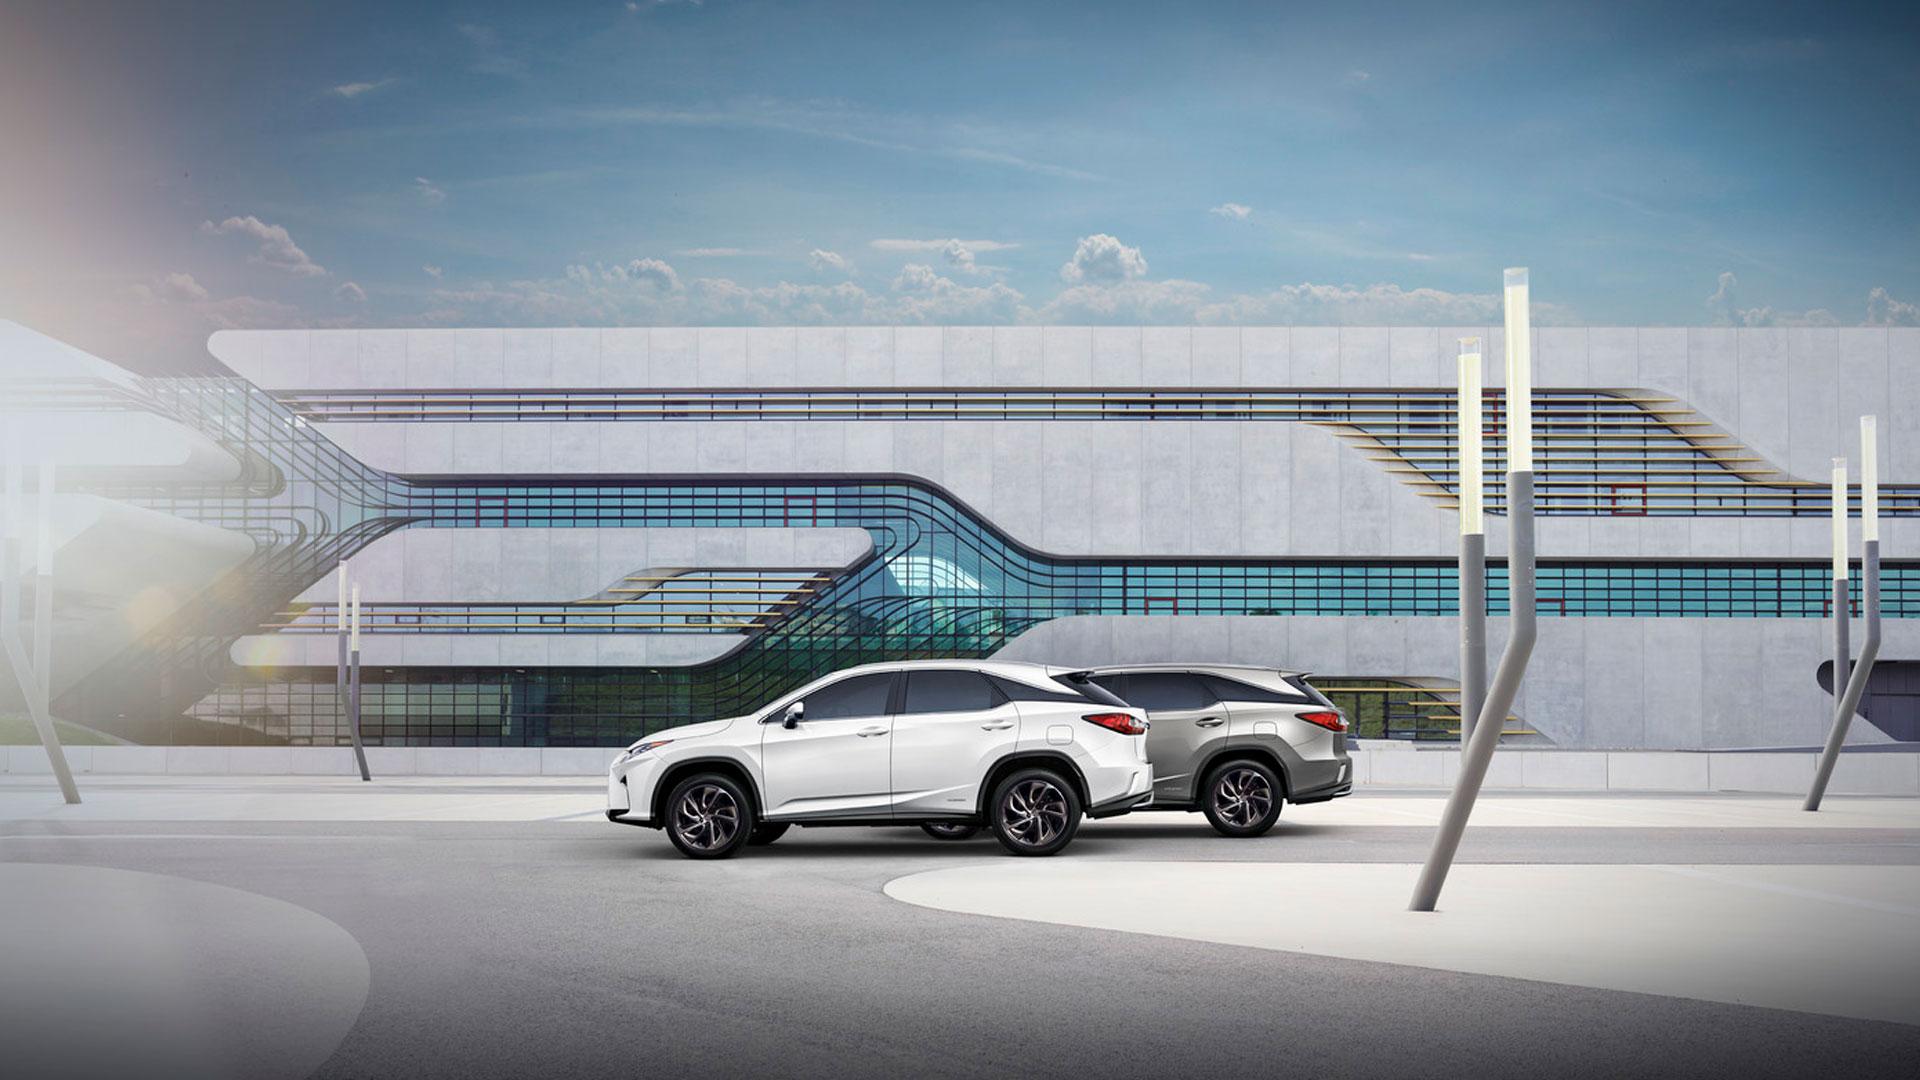 Nuevo Lexus RX L hero asset